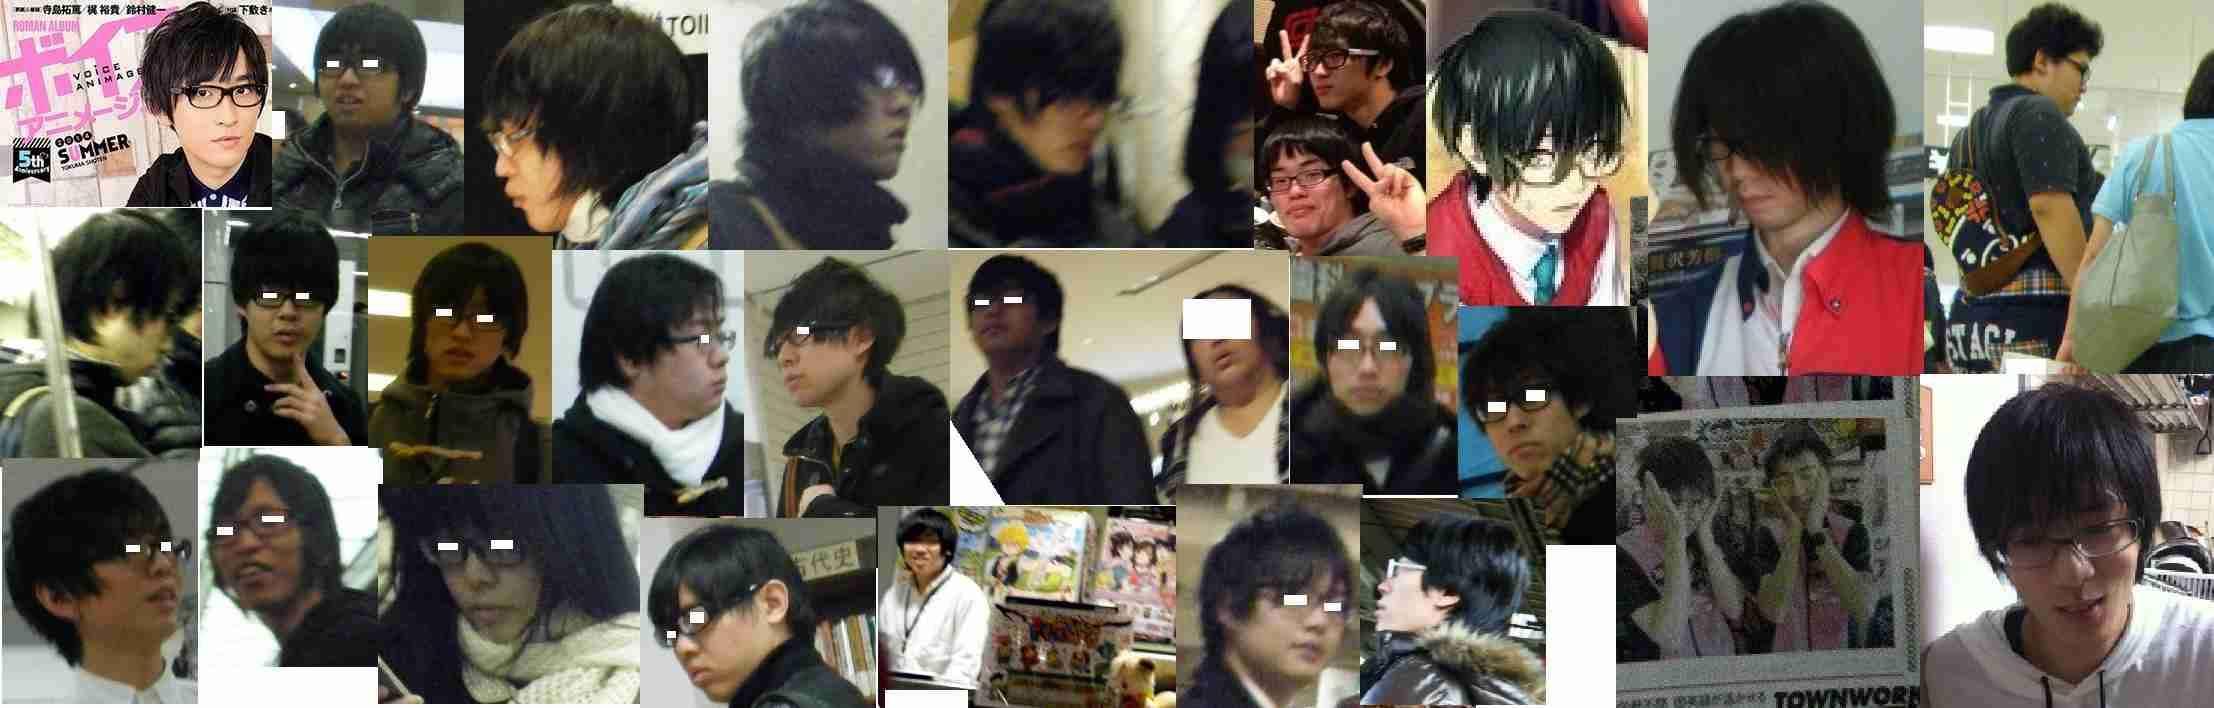 住宅の敷地内に侵入し入浴中の女子中学生2人を25回にわたり盗撮か 男逮捕